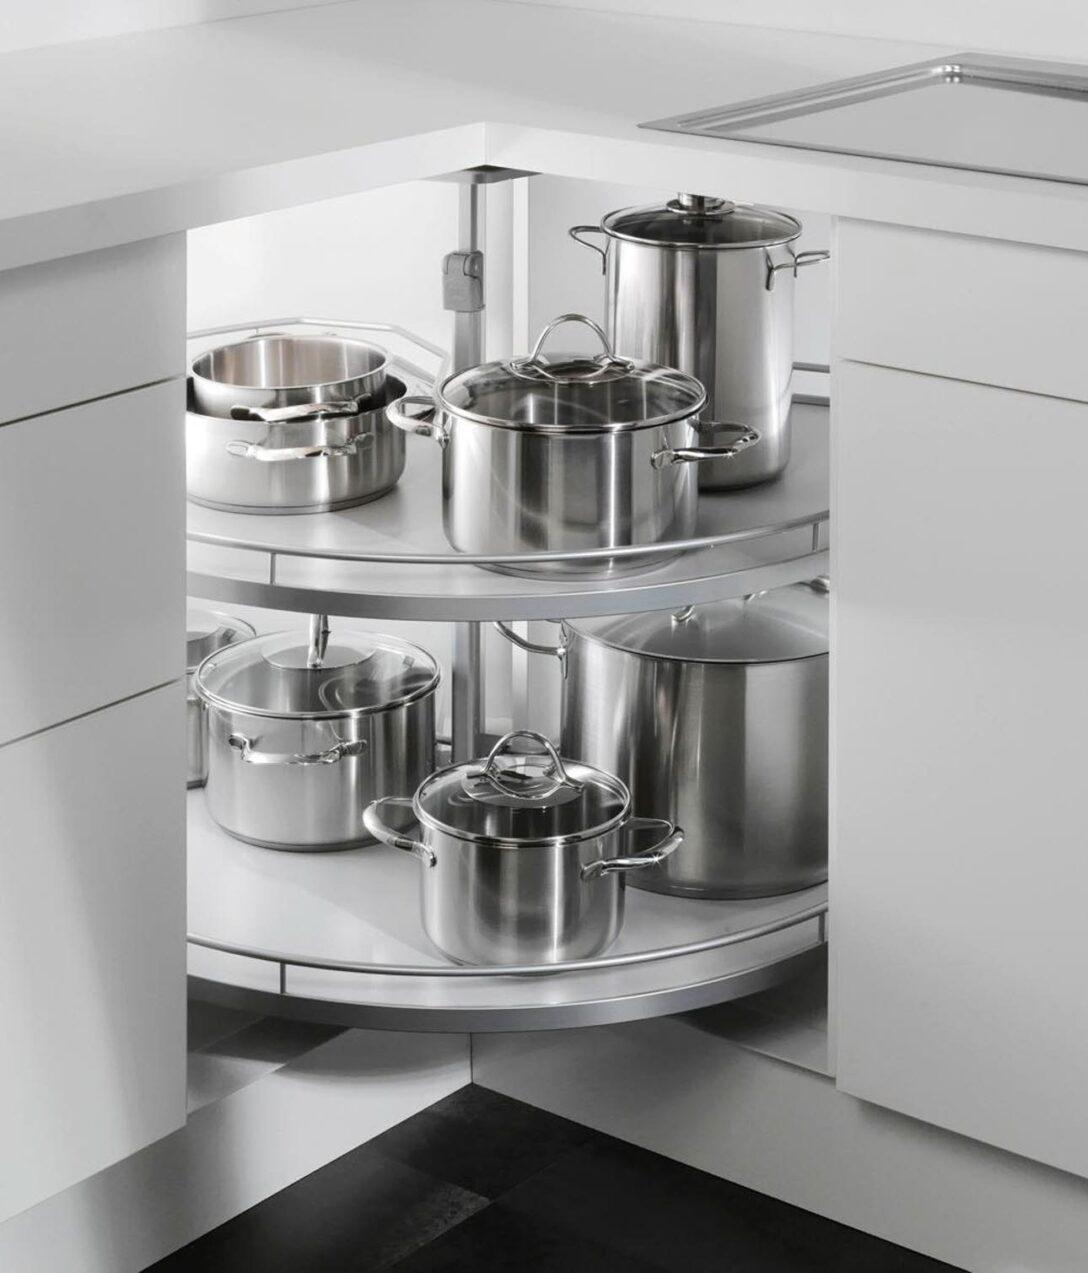 Large Size of Alno Küchen Kchen Ersatzteile Rational Weinglashalter Zubehr Regal Küche Wohnzimmer Alno Küchen